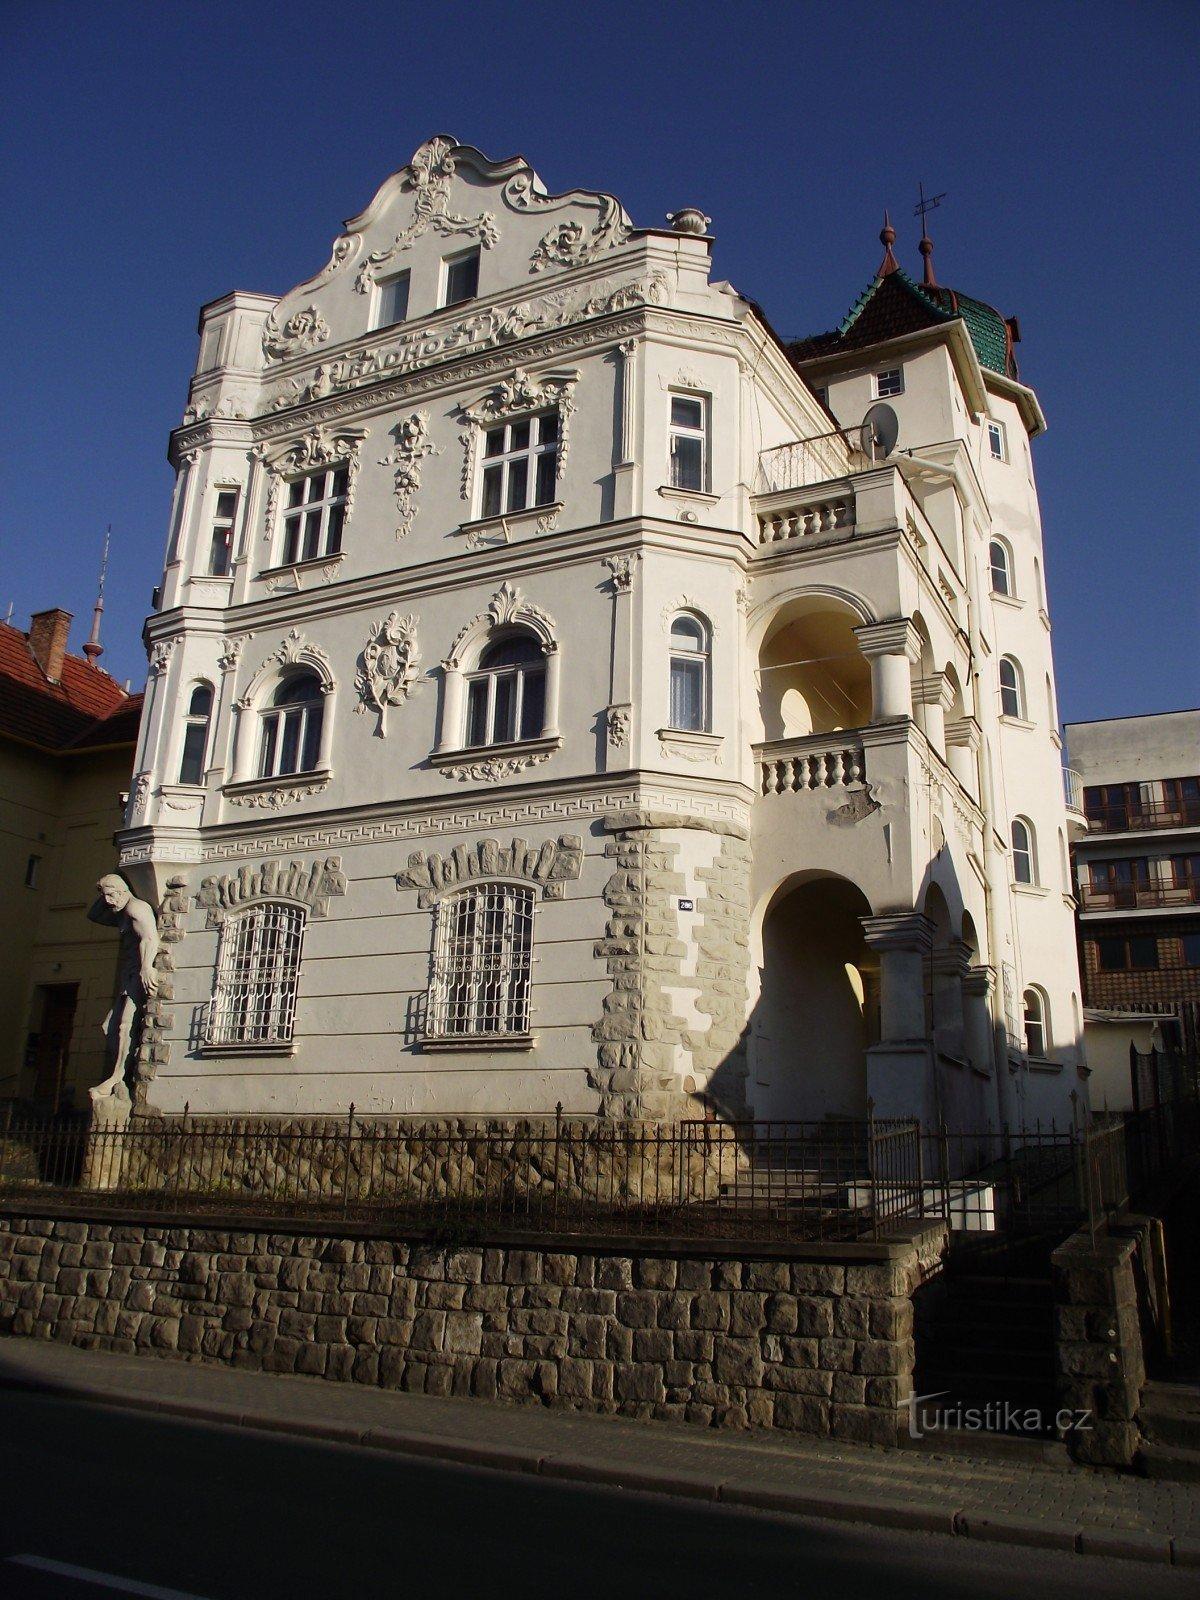 Lázeňský dům orgie